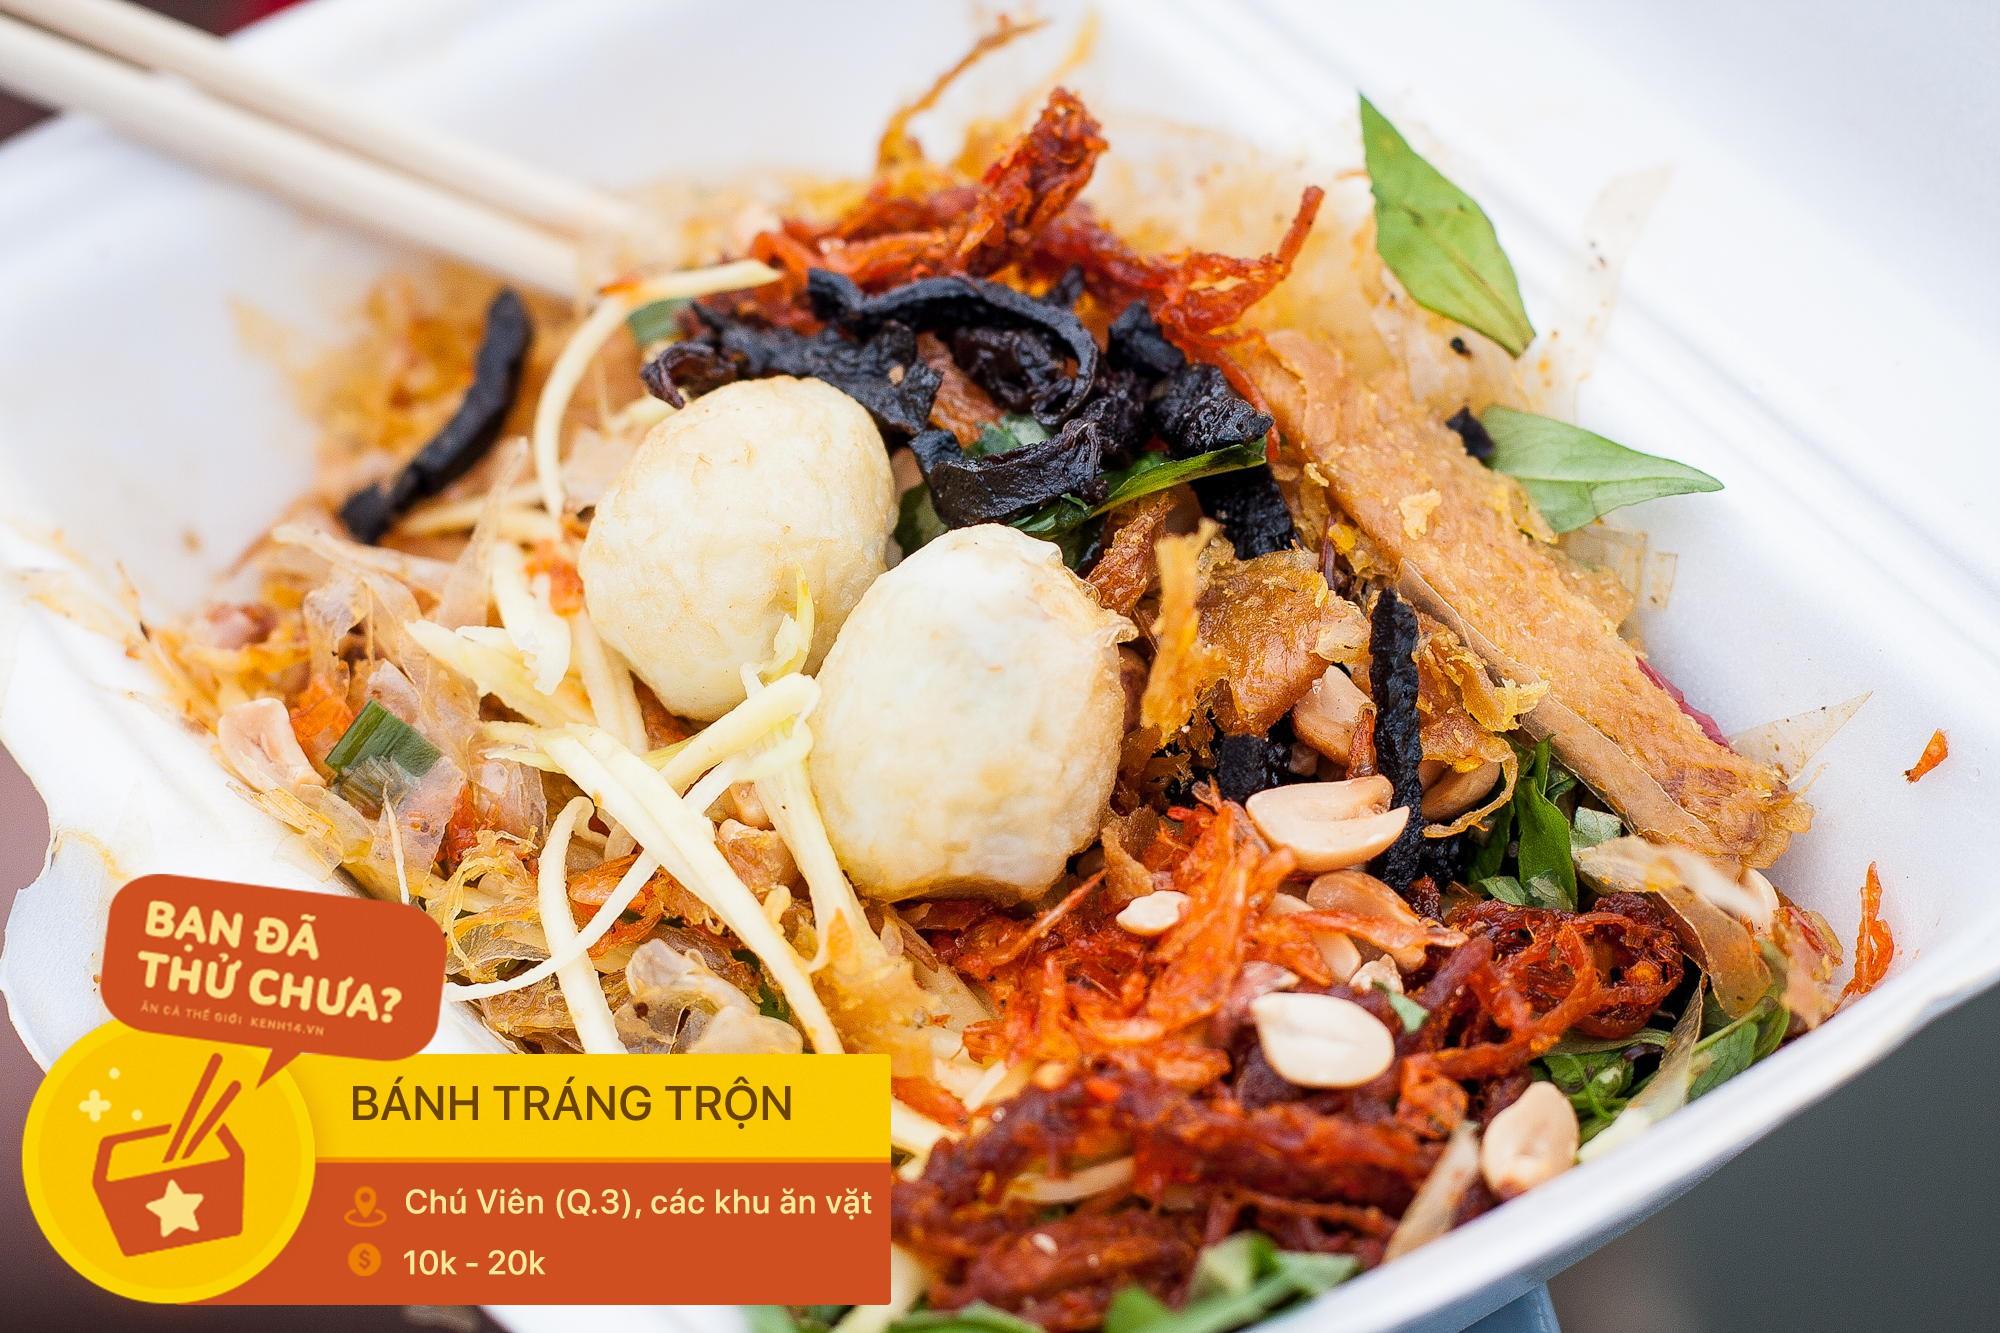 Sài Gòn có những món đếm mãi không hết những loại topping ăn kèm - Ảnh 12.